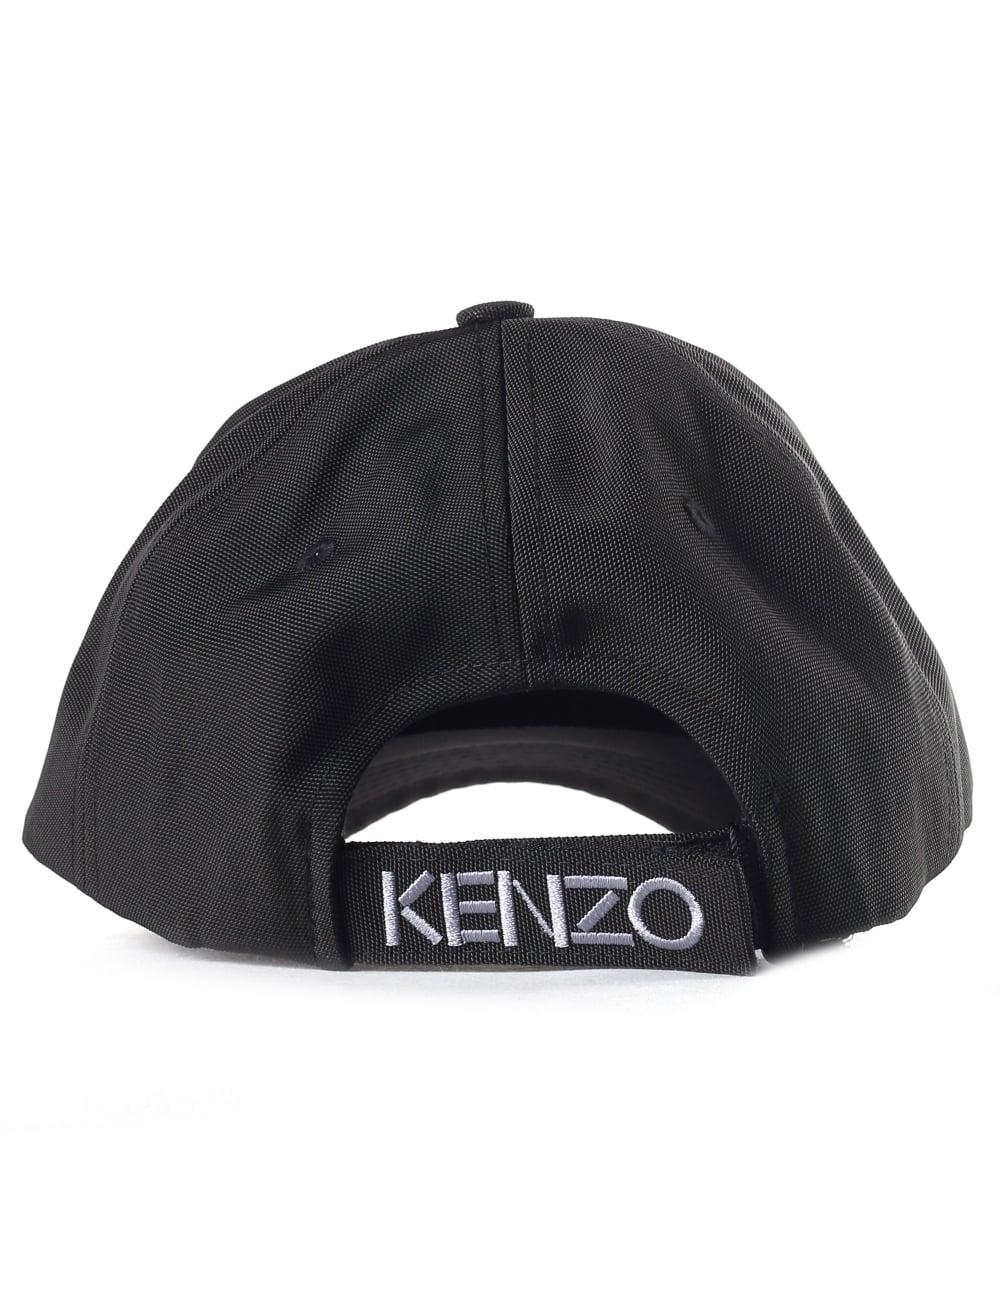 Kenzo Men s Canvas Tiger Cap bb9e4d2b07b